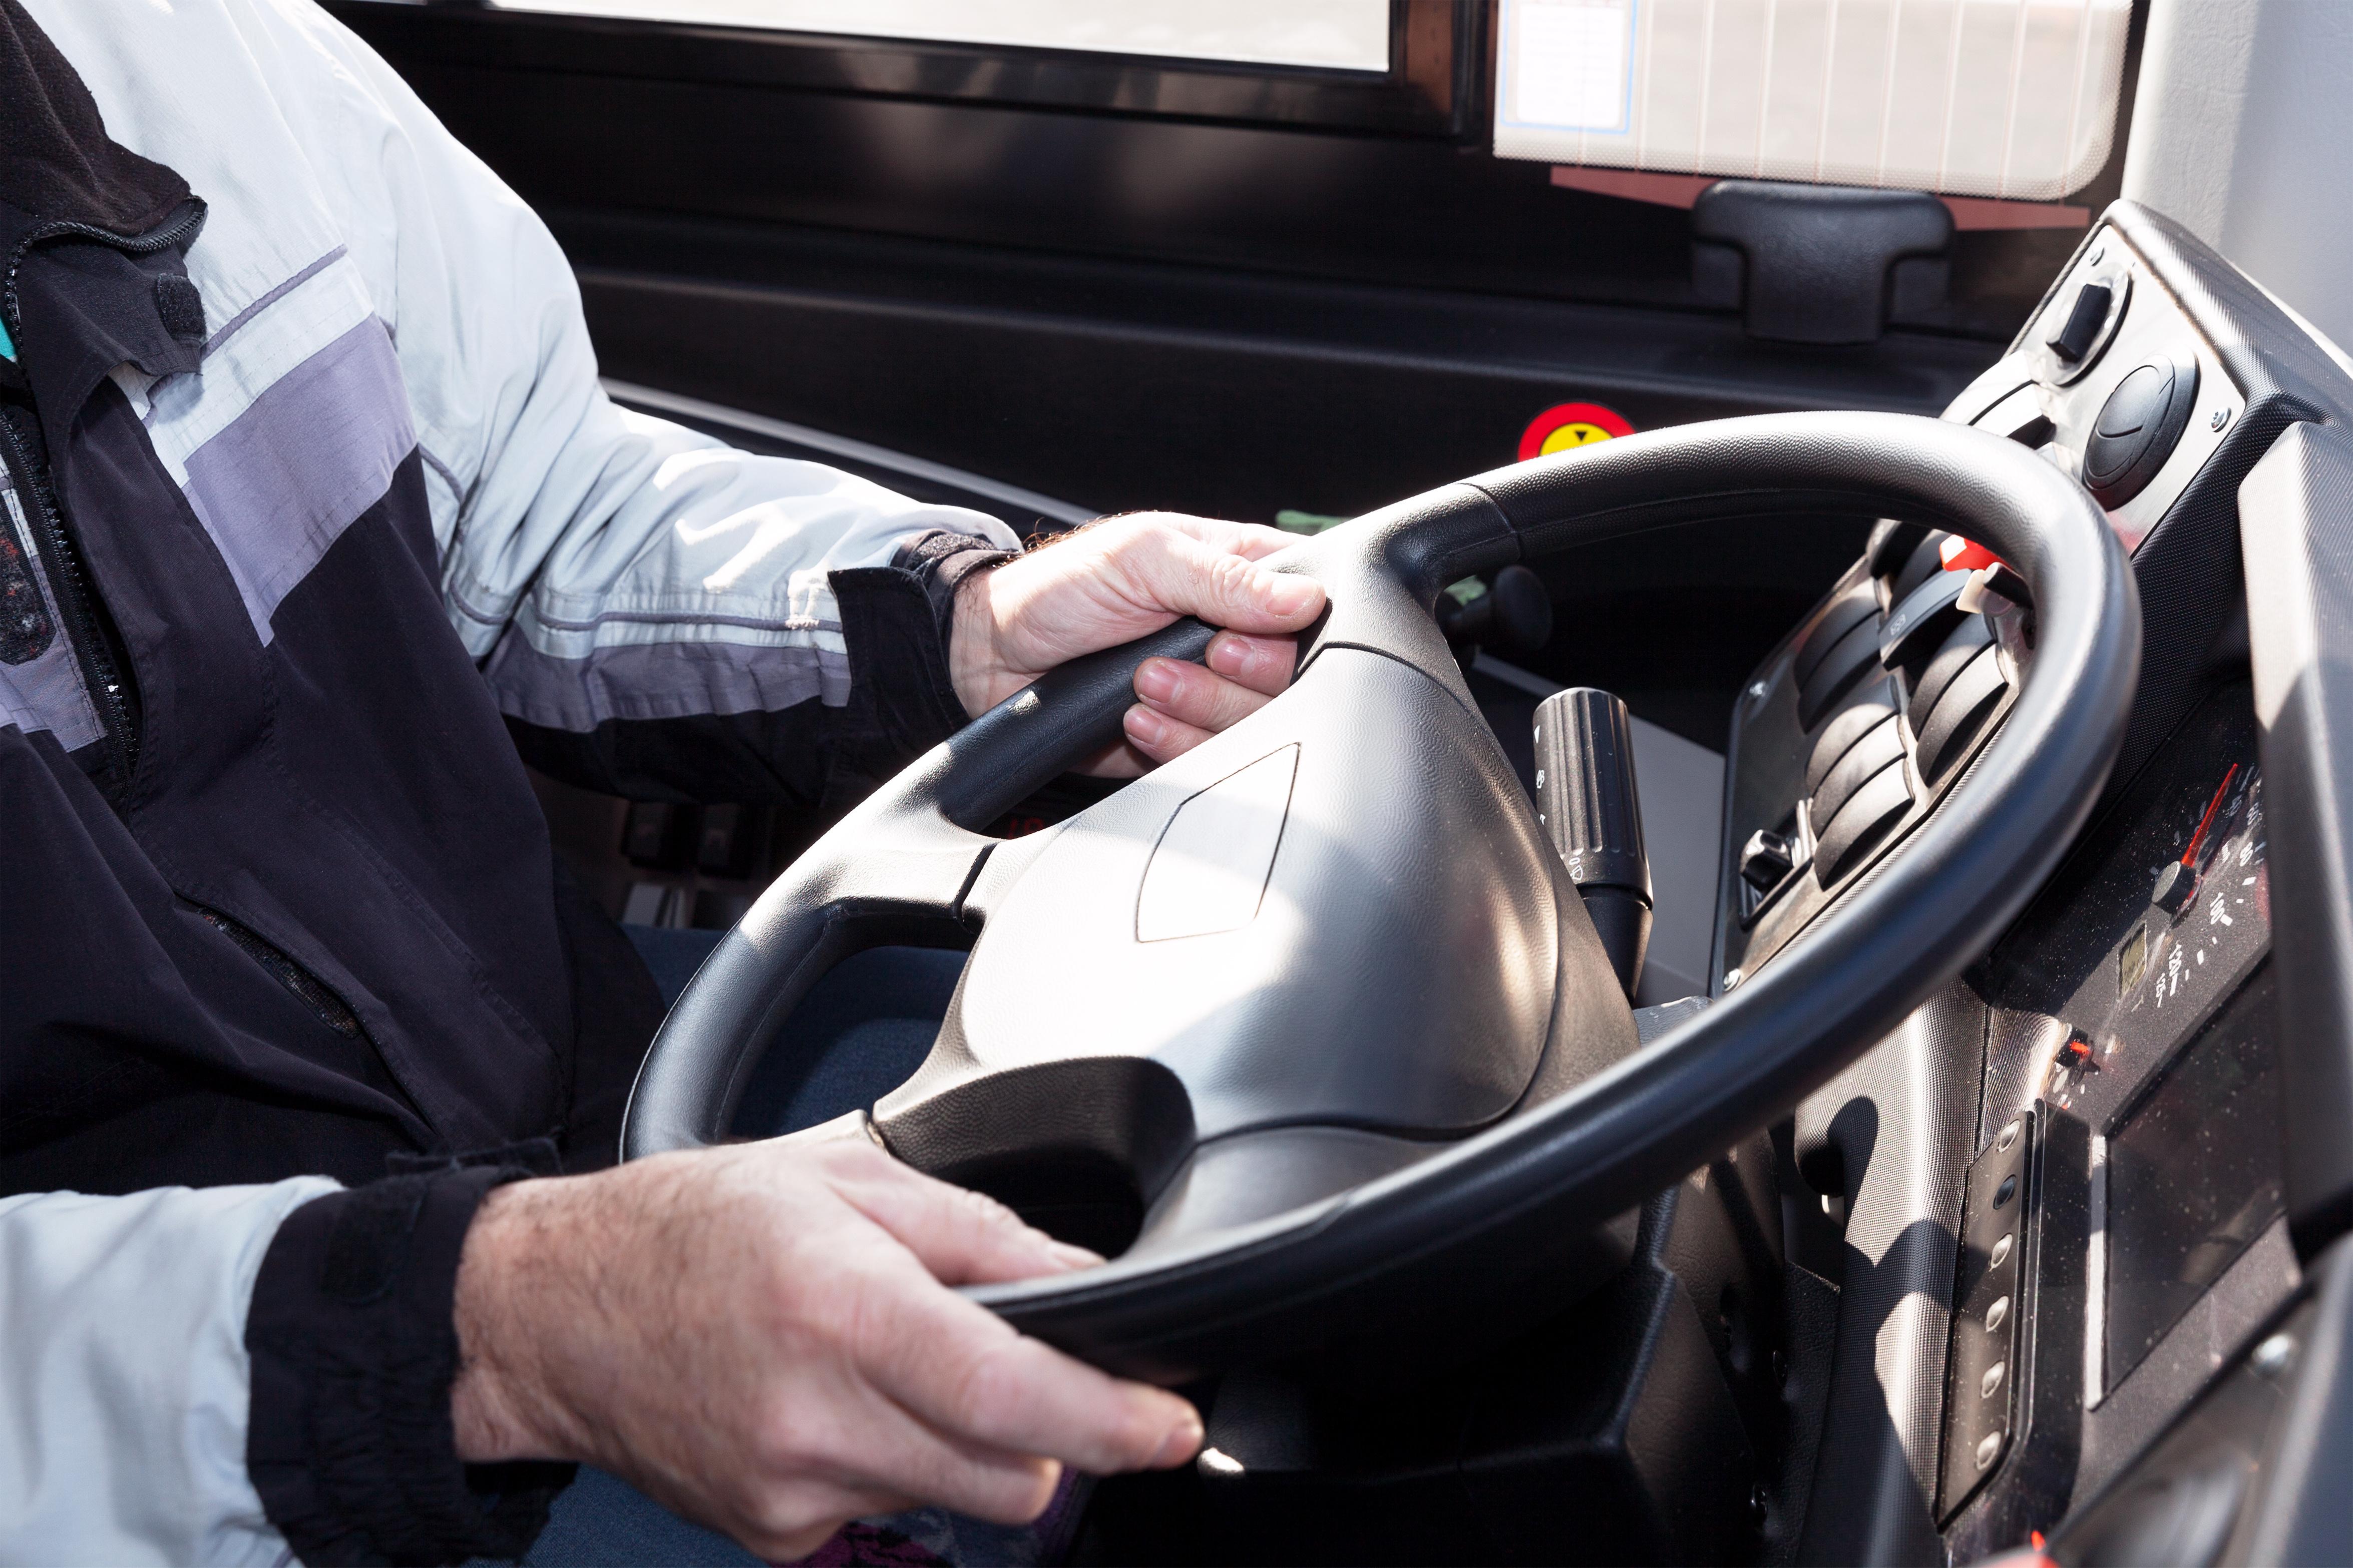 Carnet tipo C para Trabajar como Chófer de Camión